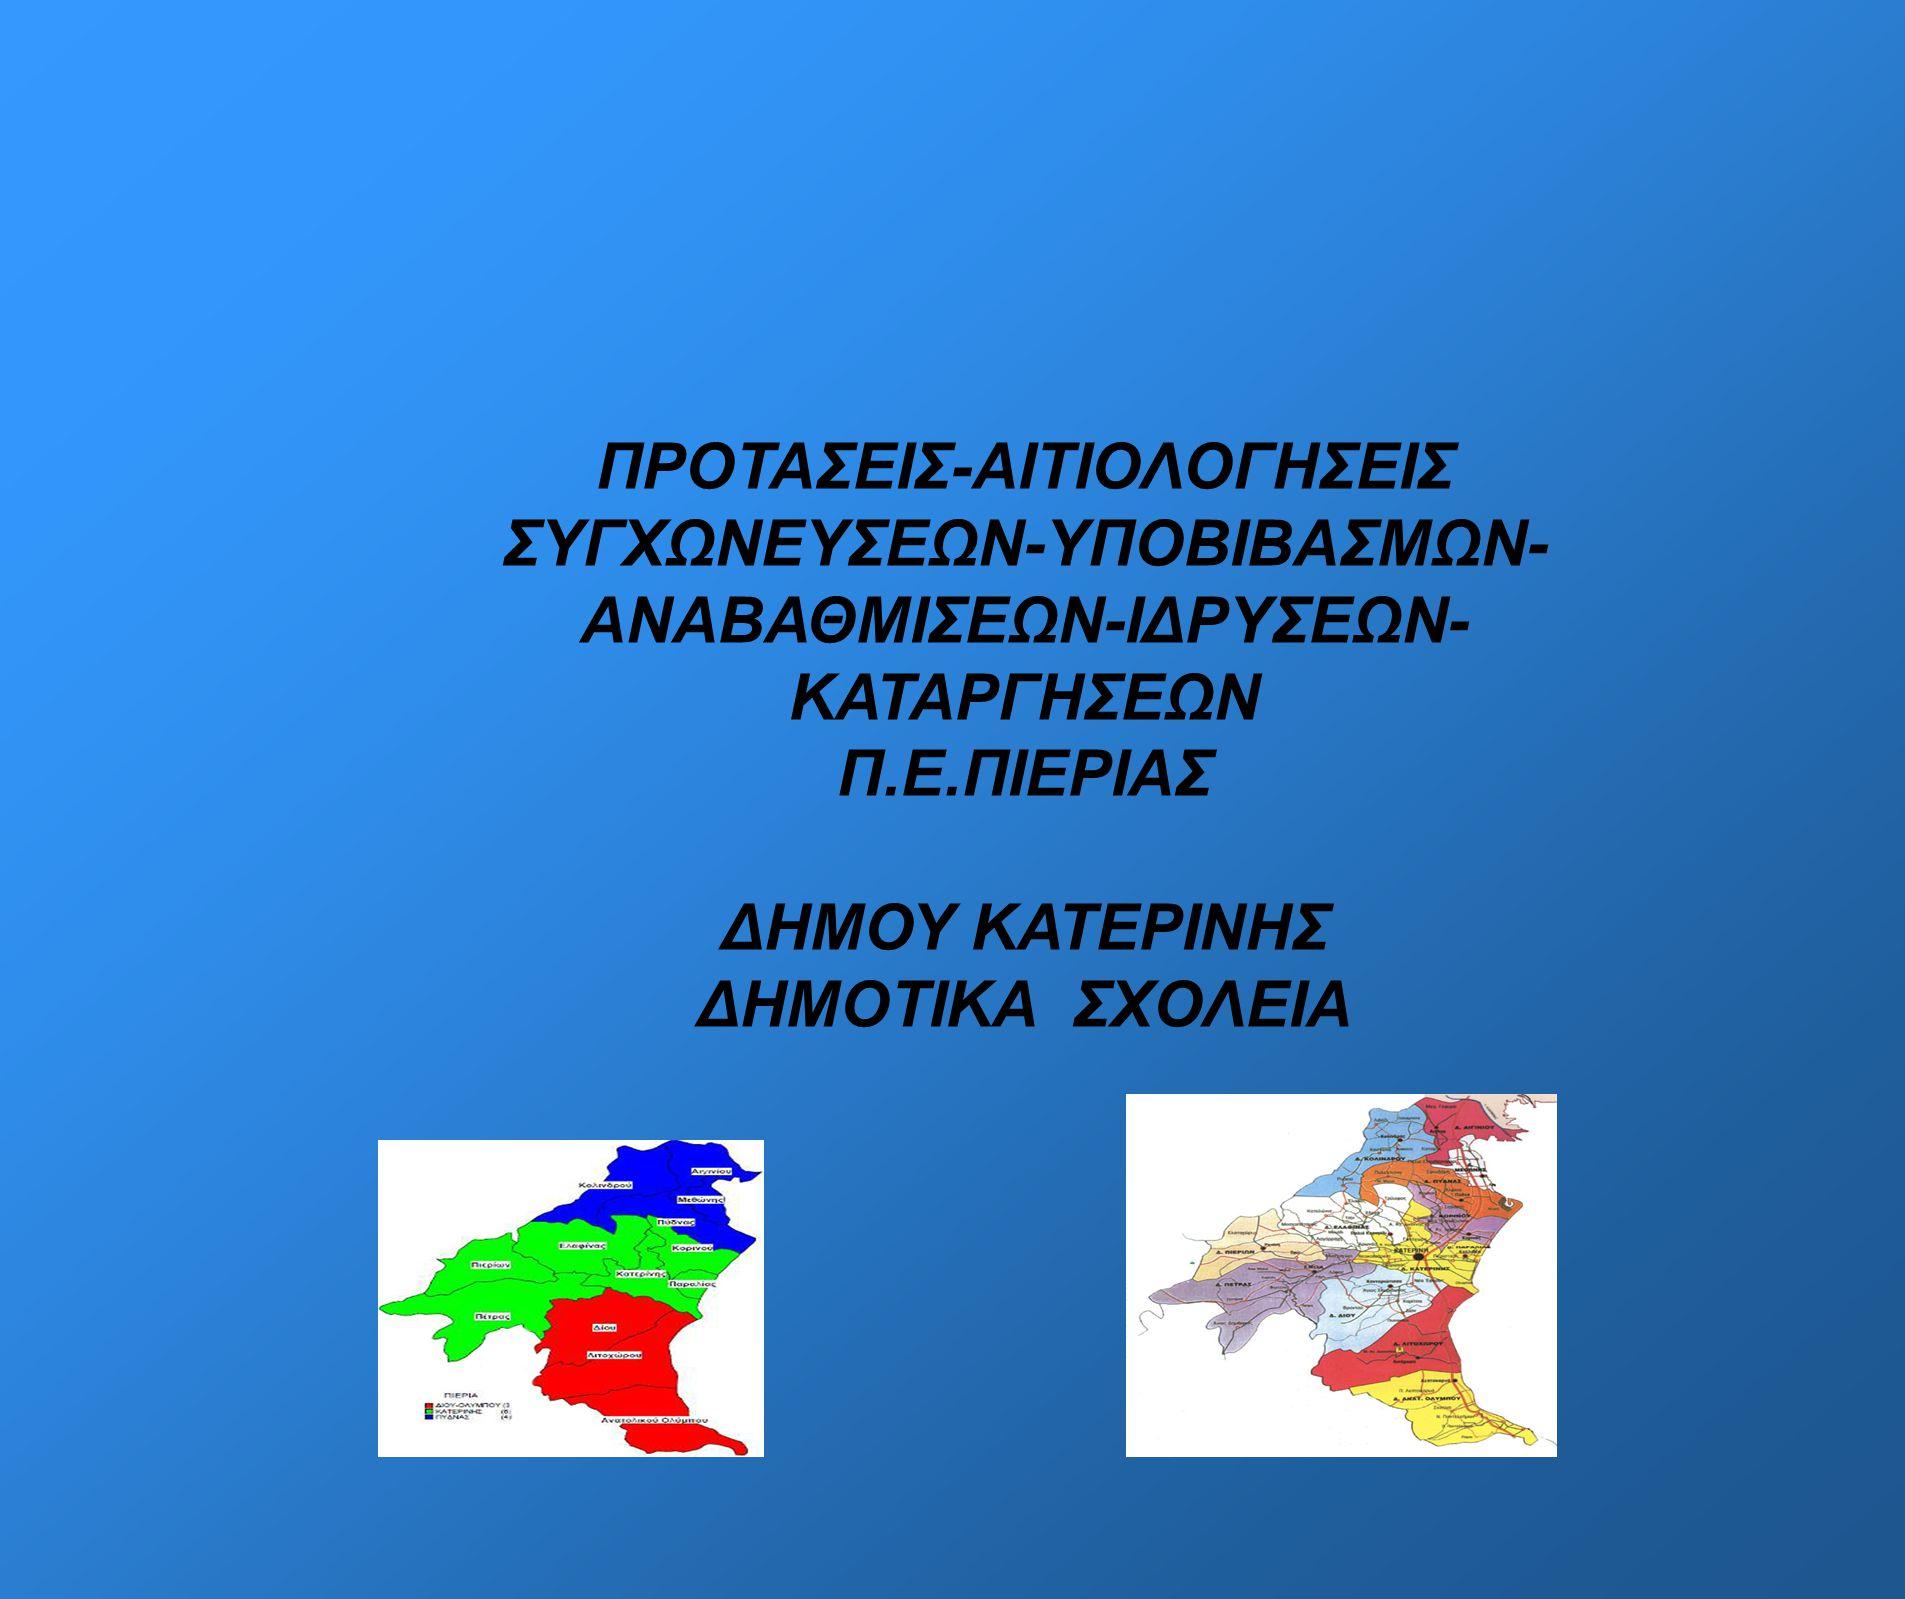 ΠΡΟΤΑΣΕΙΣ-ΑΙΤΙΟΛΟΓΗΣΕΙΣ ΣΥΓΧΩΝΕΥΣΕΩΝ-ΥΠΟΒΙΒΑΣΜΩΝ- ΑΝΑΒΑΘΜΙΣΕΩΝ-ΙΔΡΥΣΕΩΝ- ΚΑΤΑΡΓΗΣΕΩΝ Π.Ε.ΠΙΕΡΙΑΣ ΔΗΜΟΥ ΚΑΤΕΡΙΝΗΣ ΔΗΜΟΤΙΚΑ ΣΧΟΛΕΙΑ